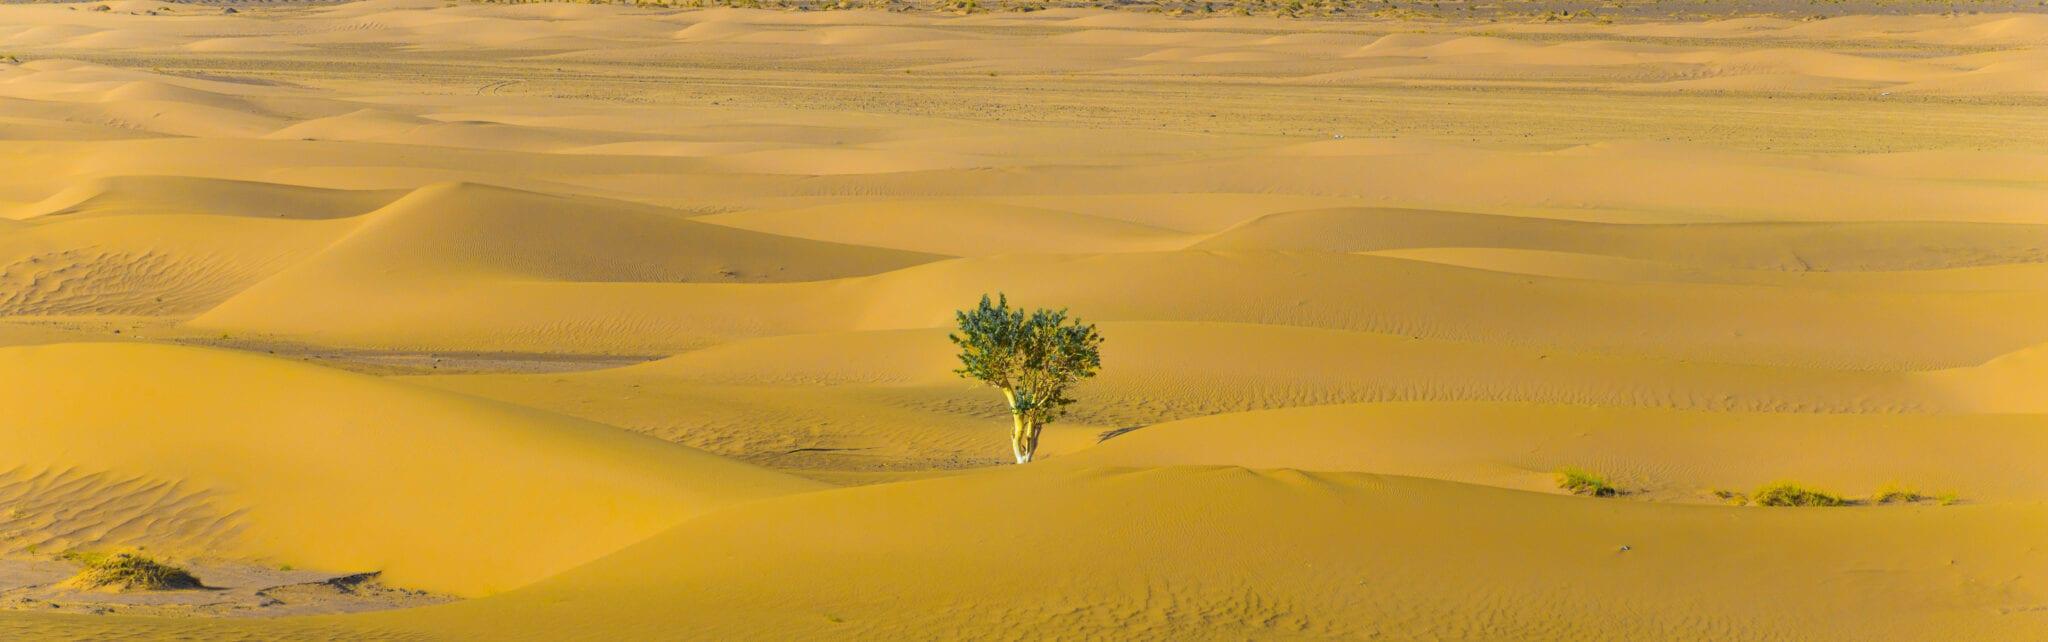 träd i öken